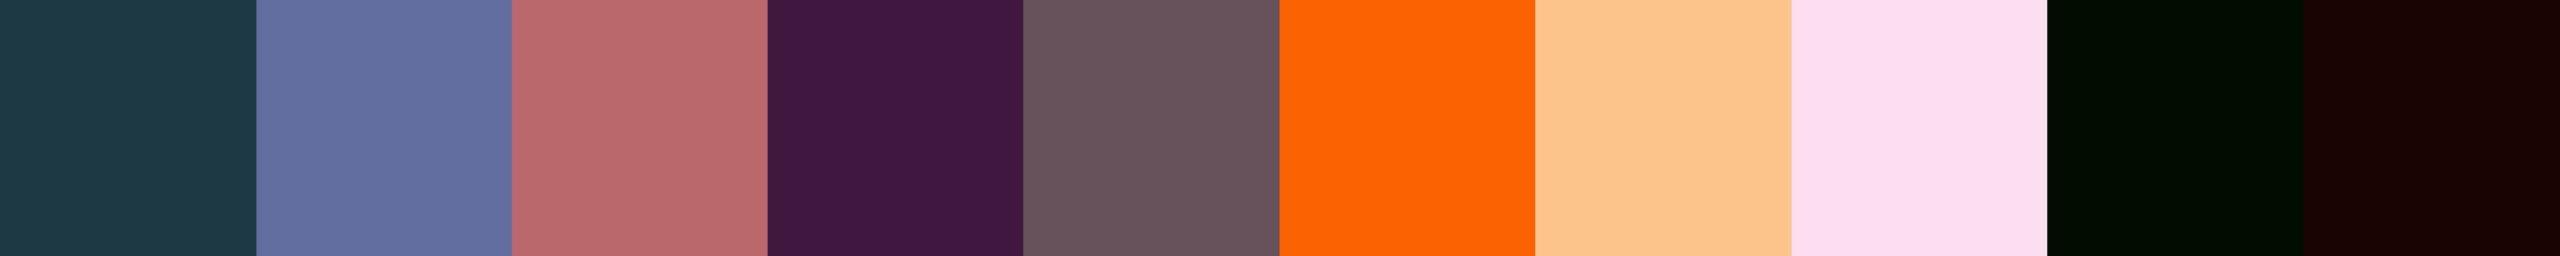 53 Acrimito Color Palette